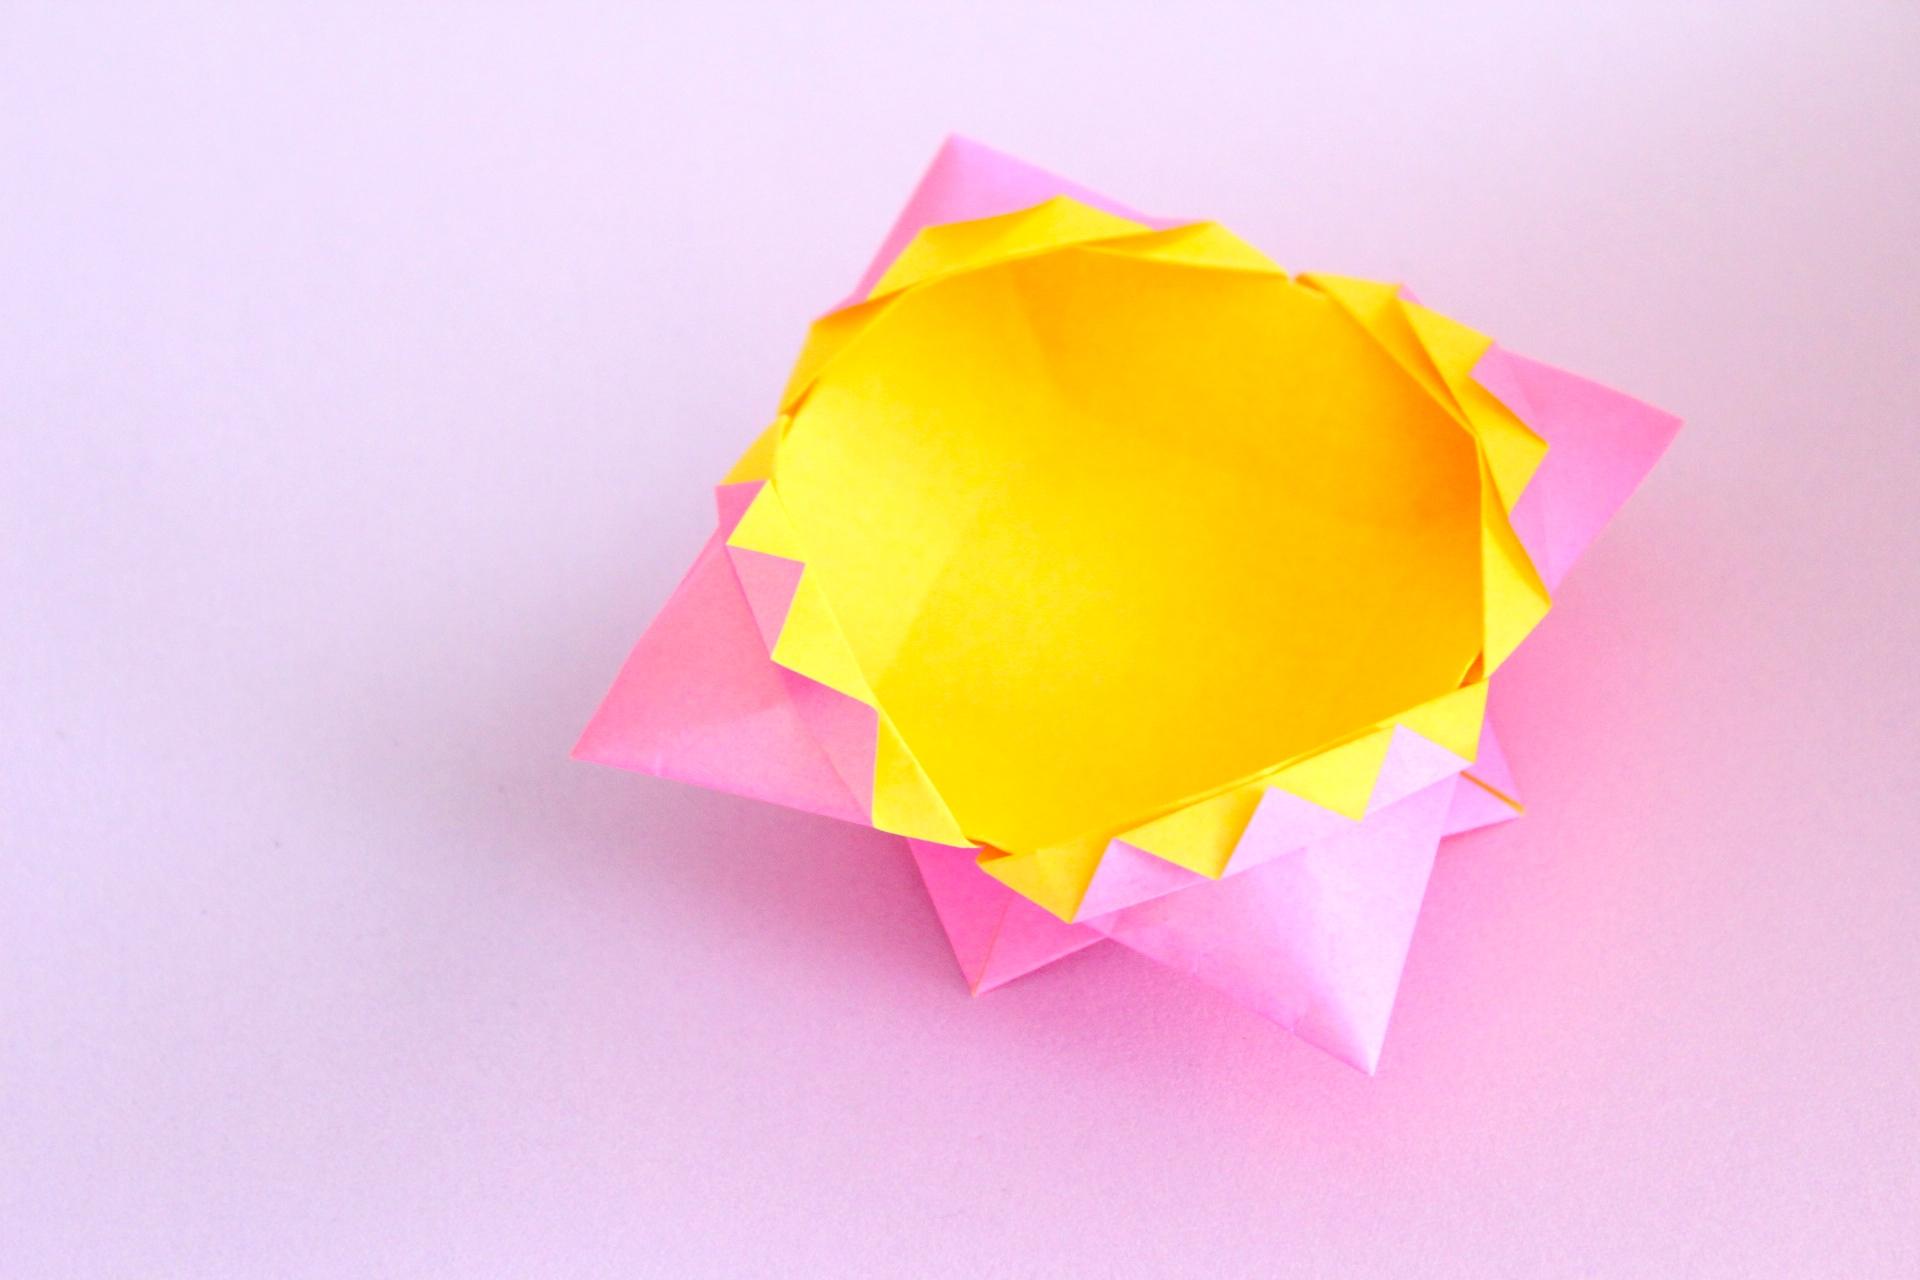 折り紙でギザギザの箱の折り方